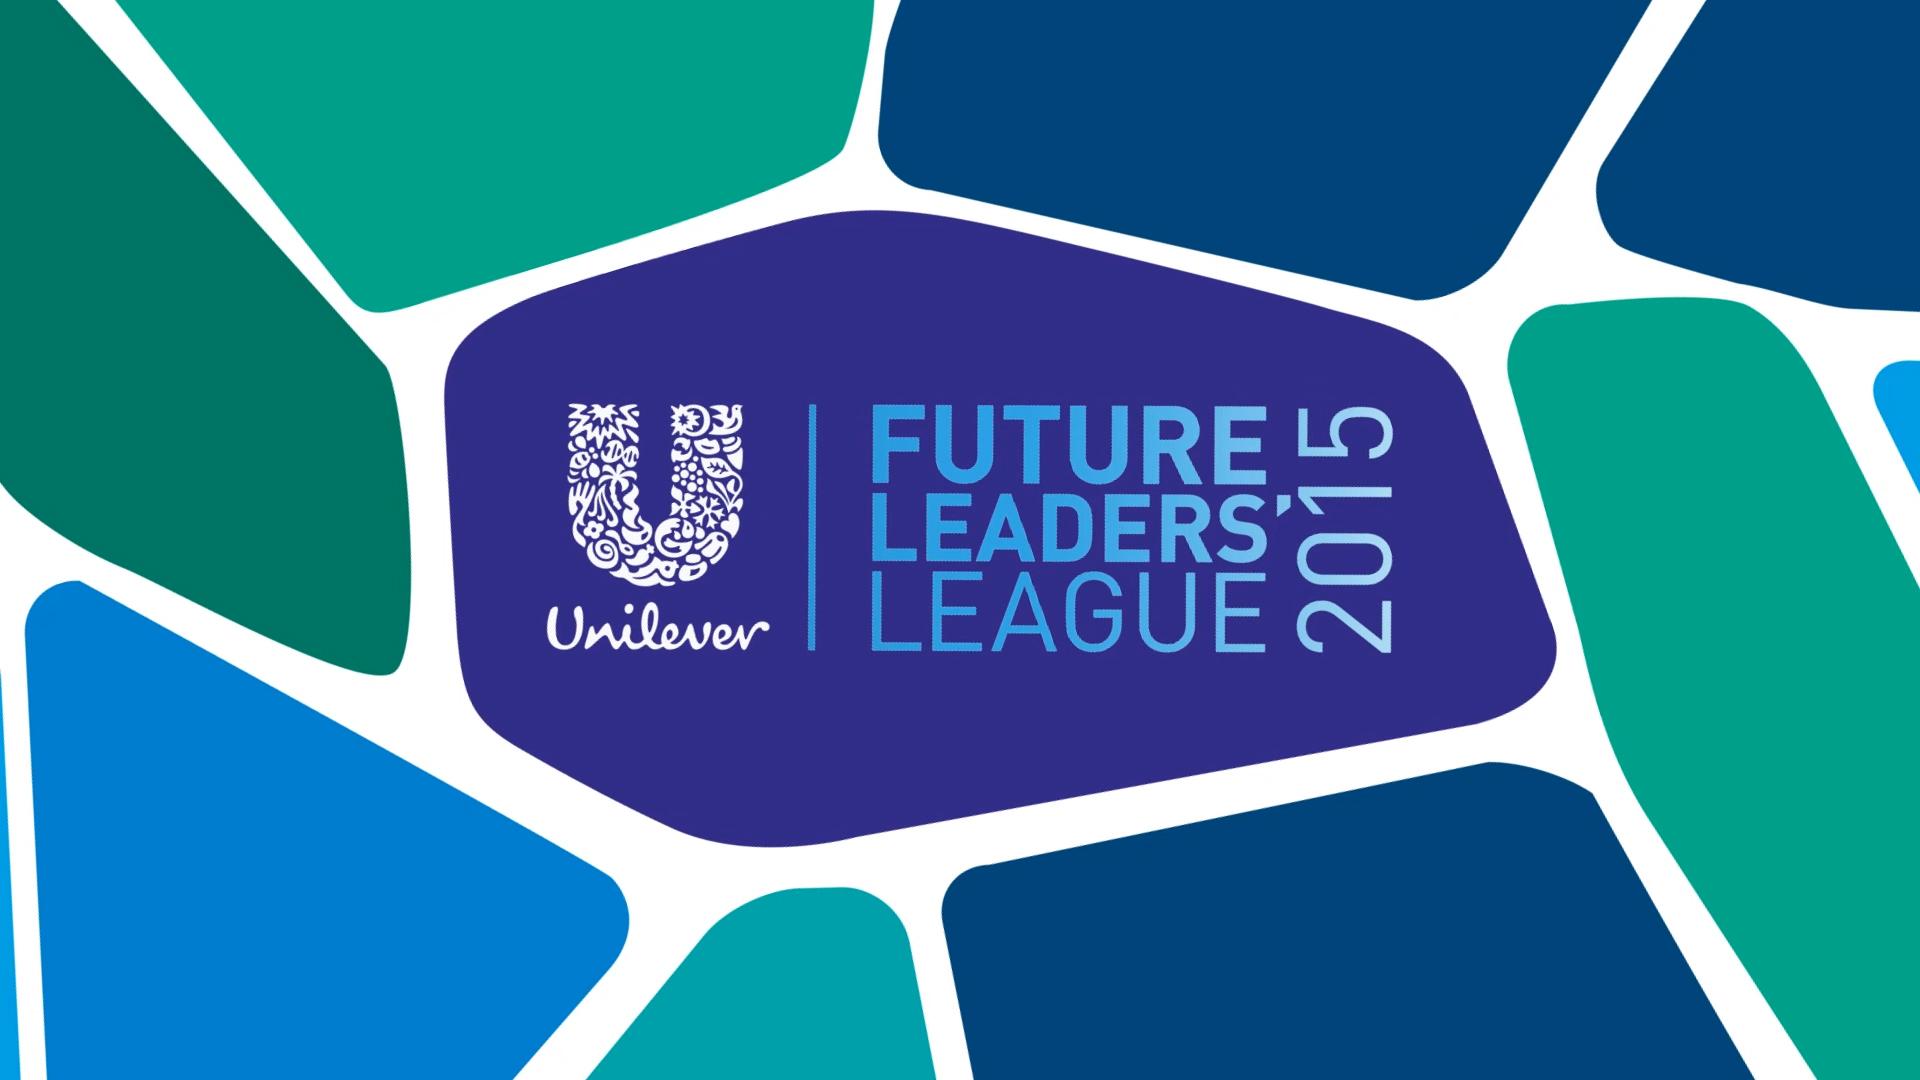 Unilever_FLL_17dec_facebook (0-00-02-22)